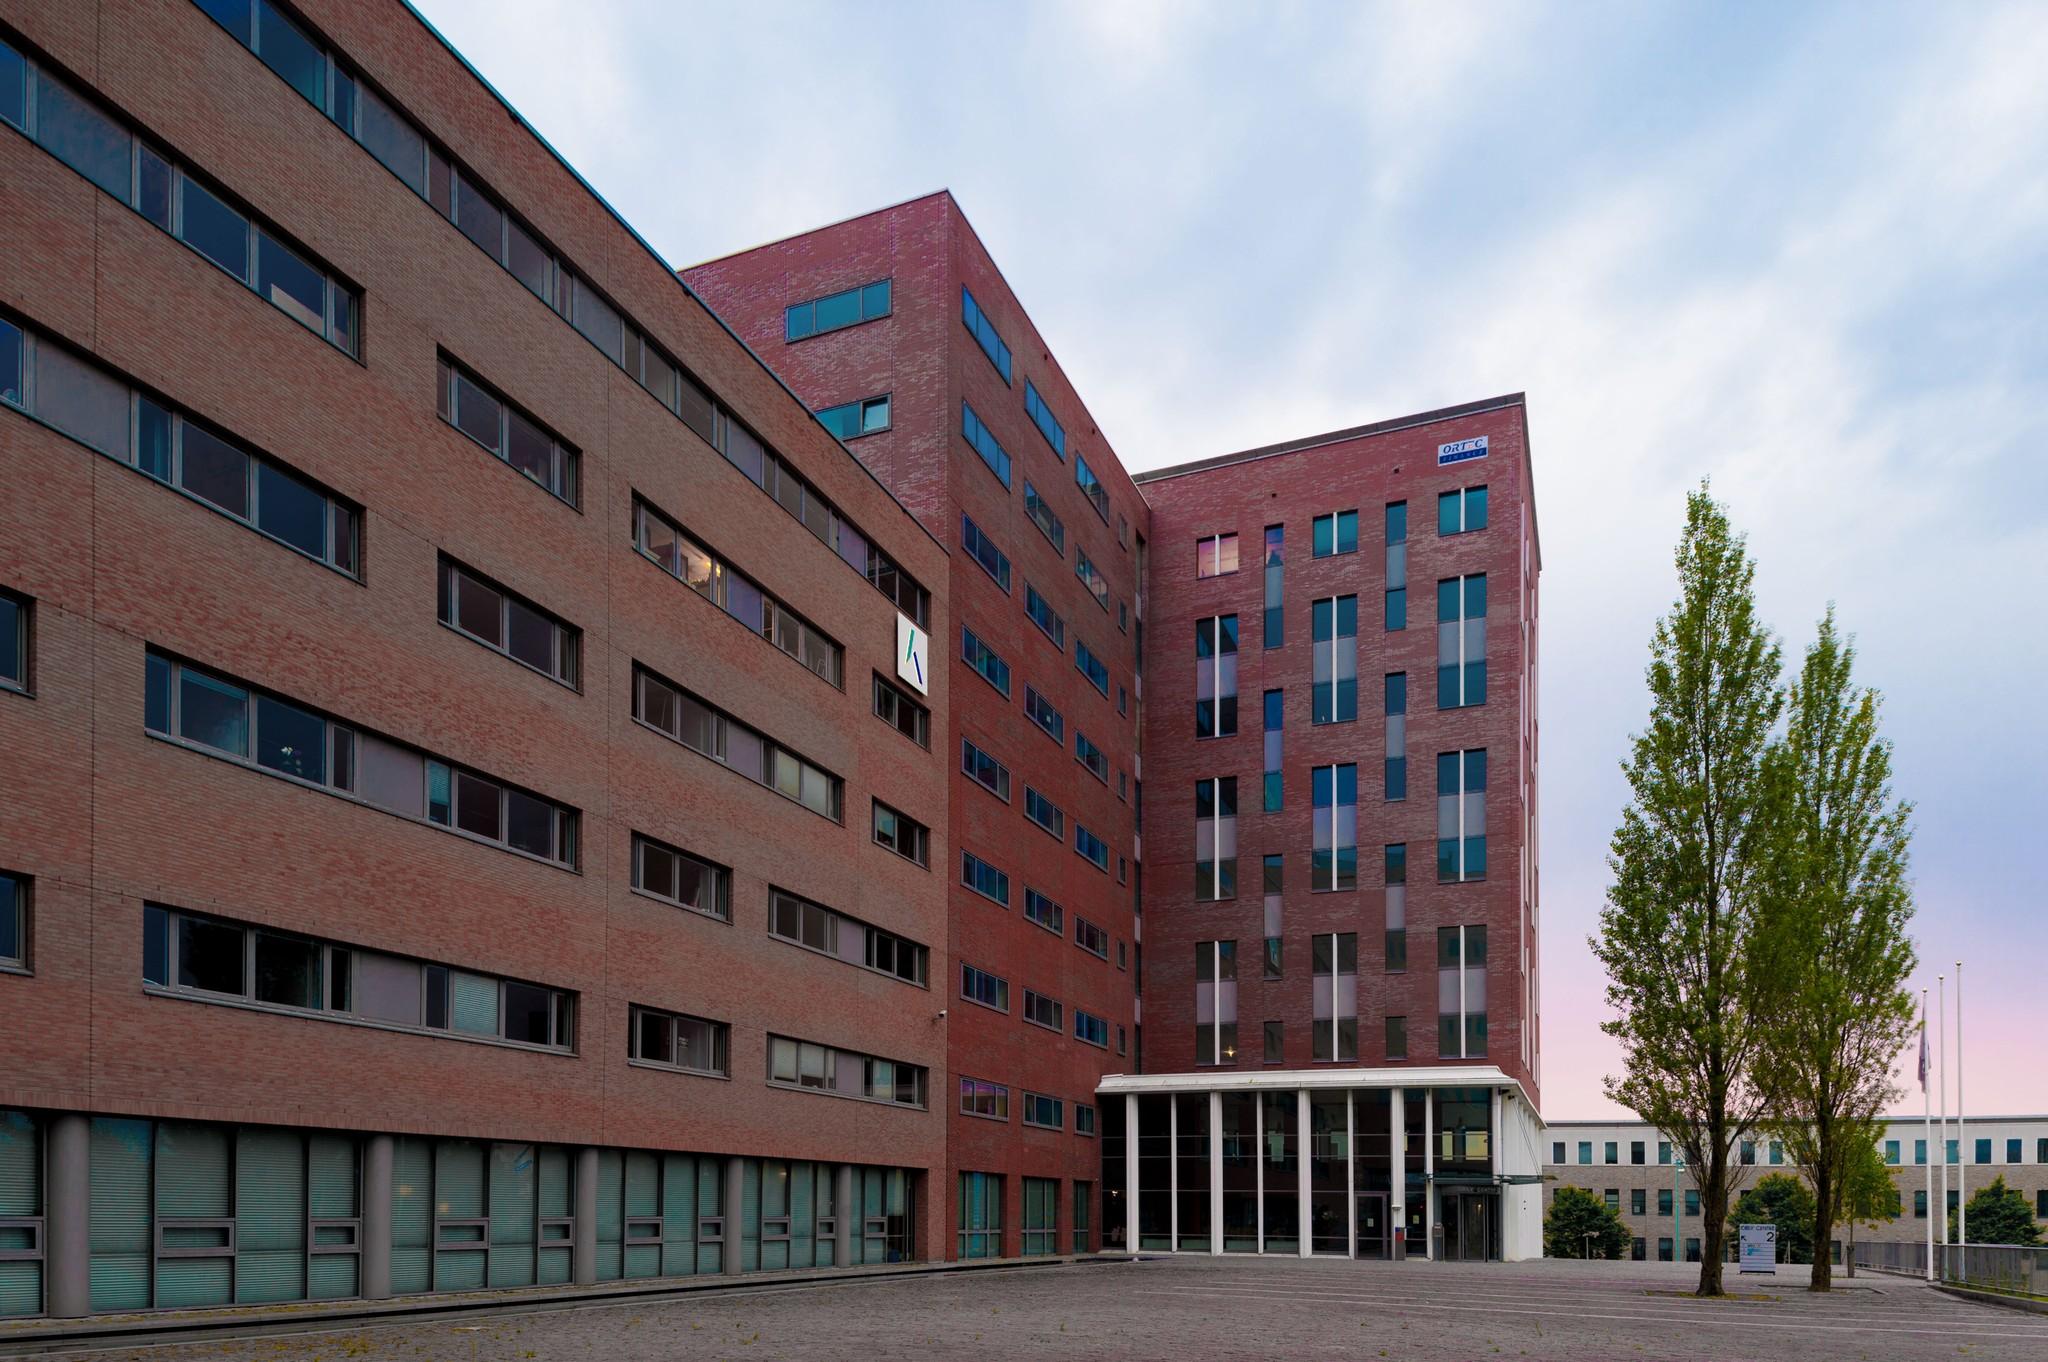 Kantoor te huur almere kantoor huren almere bedrijfsruimte